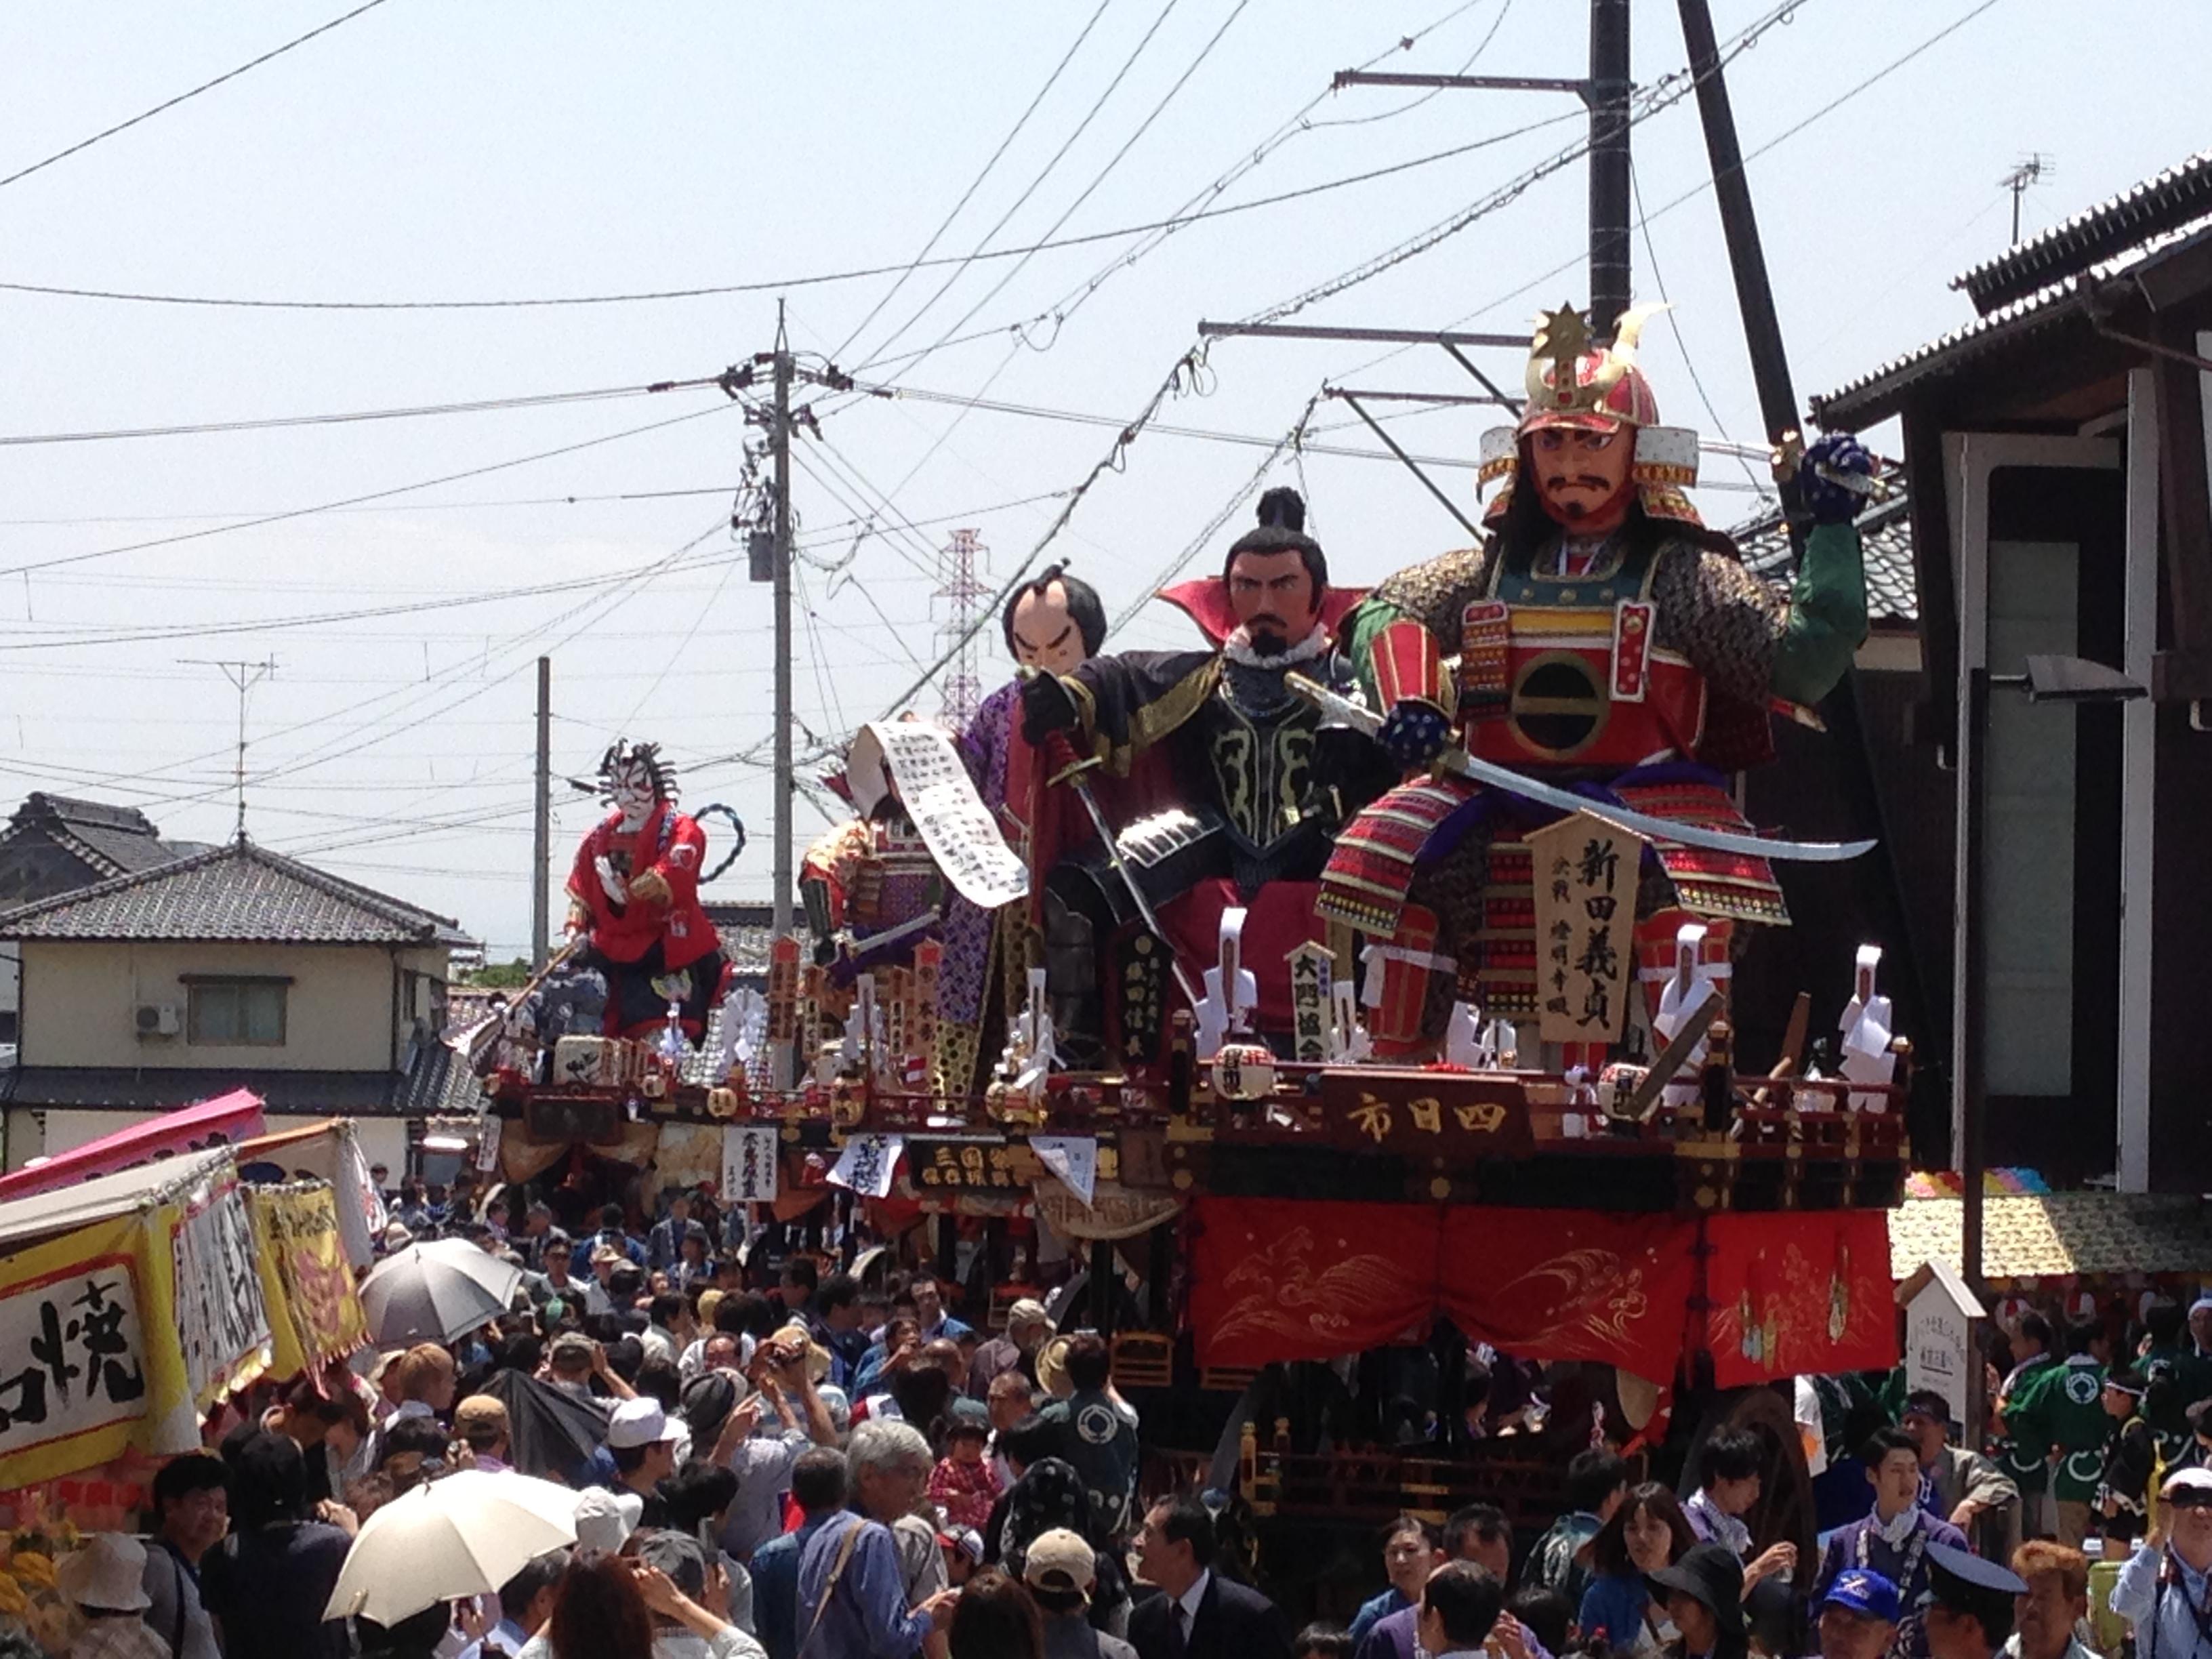 http://ud.t.u-tokyo.ac.jp/blog/_images/IMG_3091.JPG